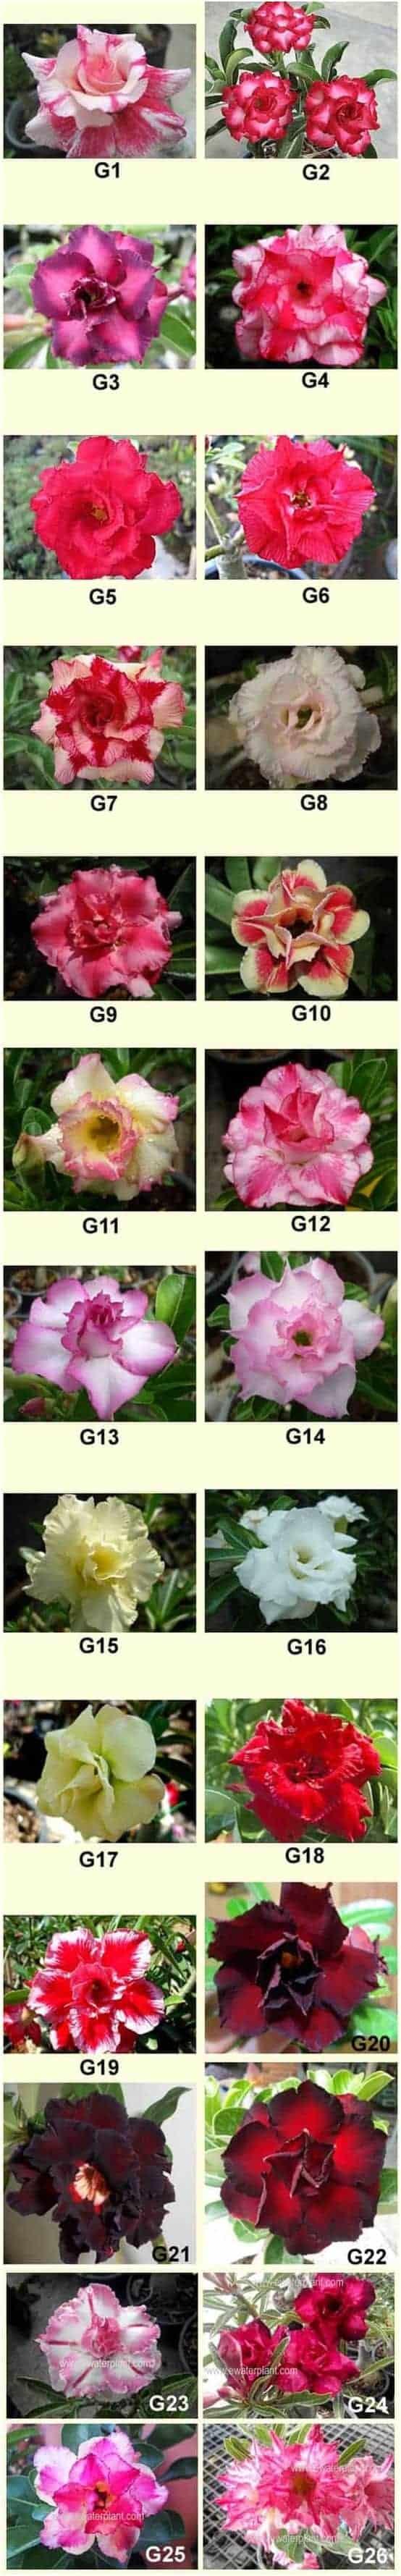 Adenium rosy flower group G